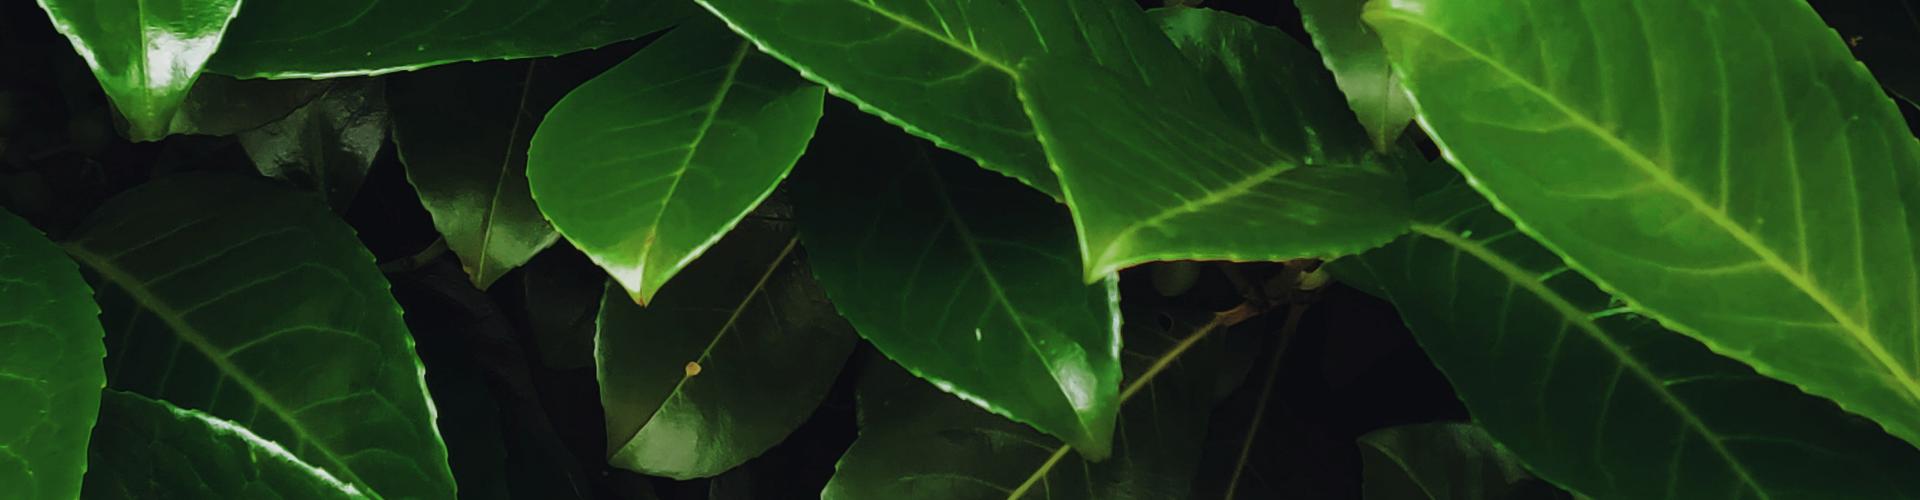 Qu'est-ce que l'aromathérapie - Blog - Dr. Jonquille & Mr. Ail